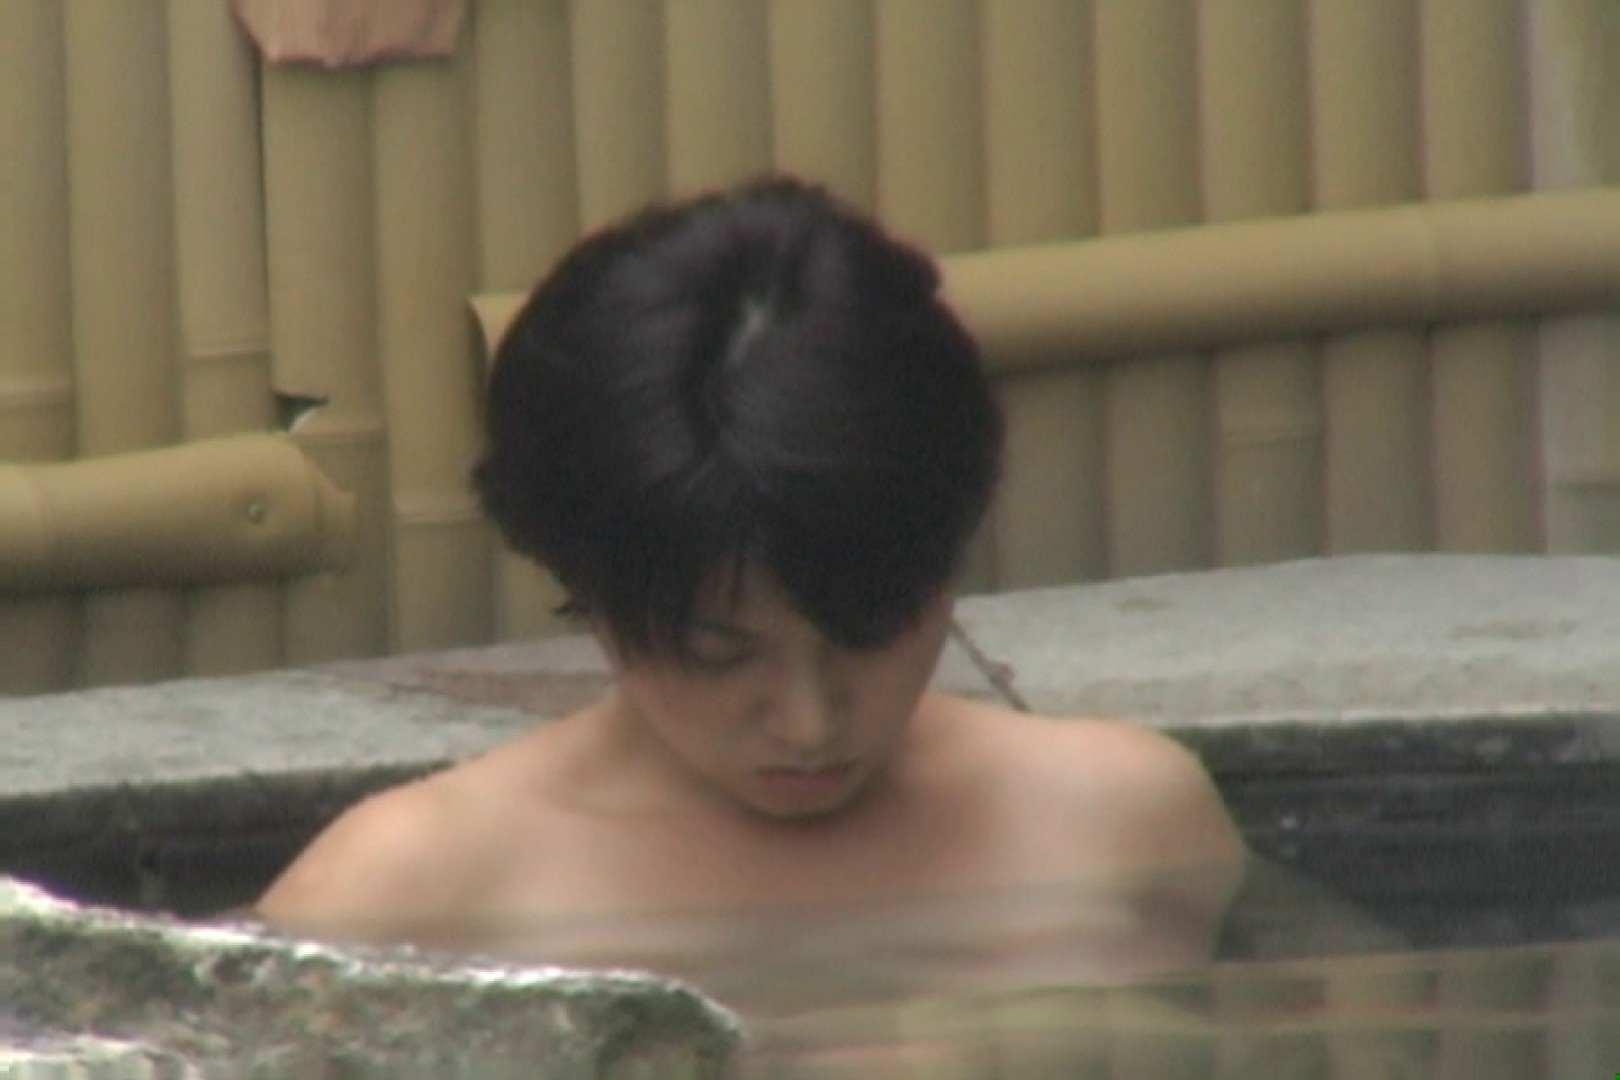 Aquaな露天風呂Vol.624 盗撮 隠し撮りオマンコ動画紹介 41連発 26